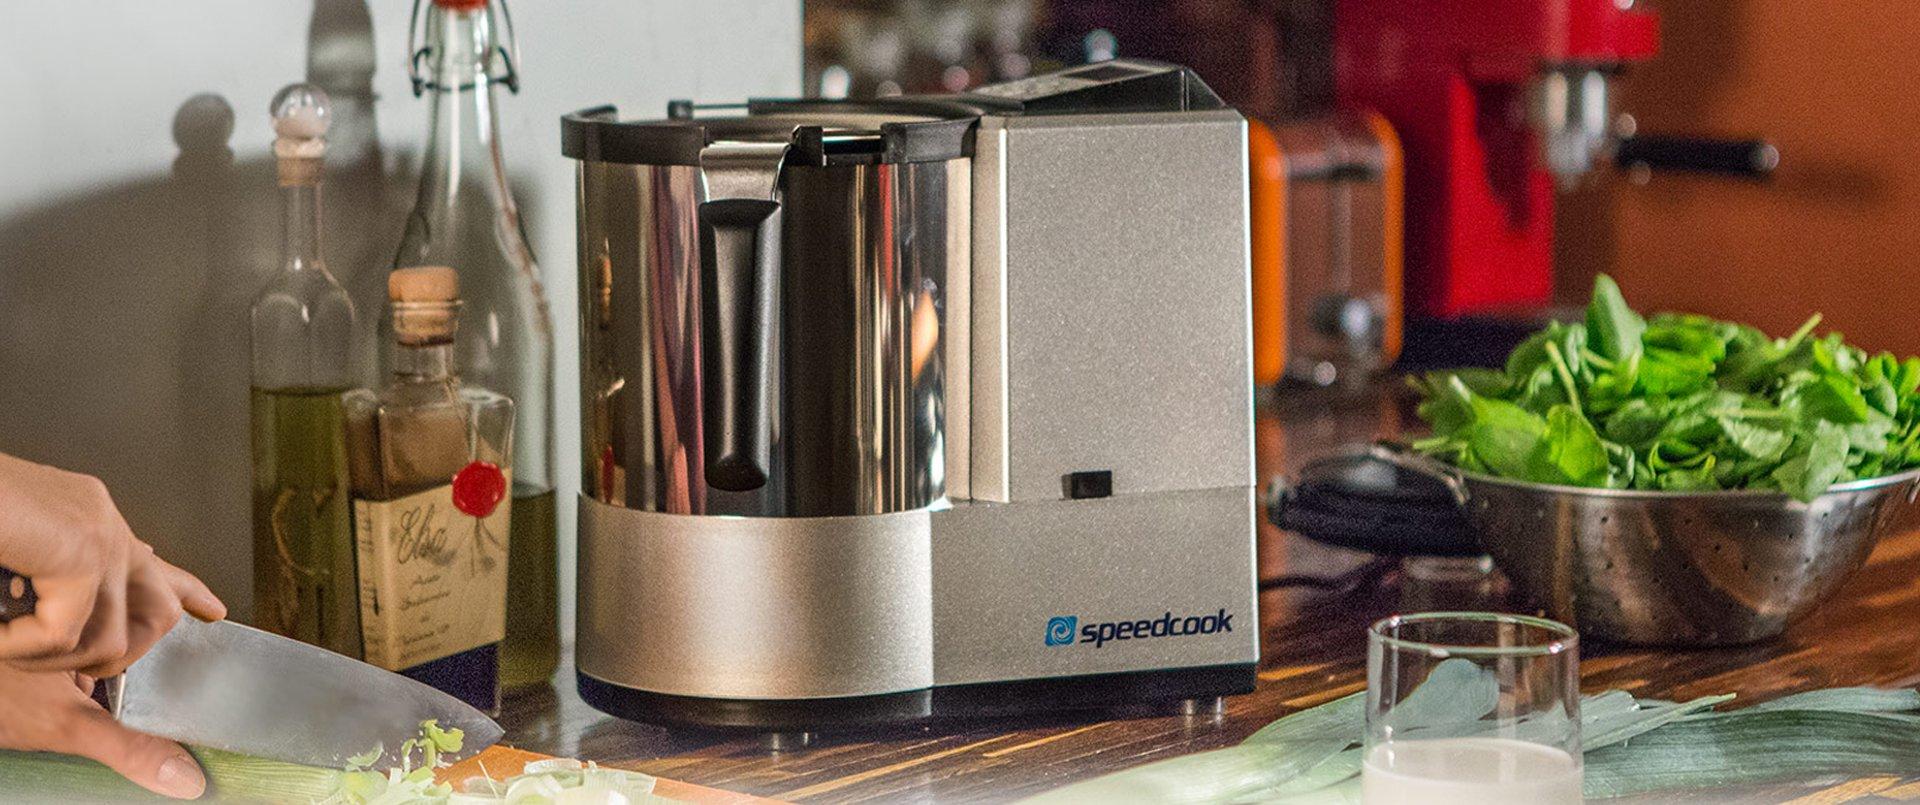 Przetestuj Speedcooka w swoim domu